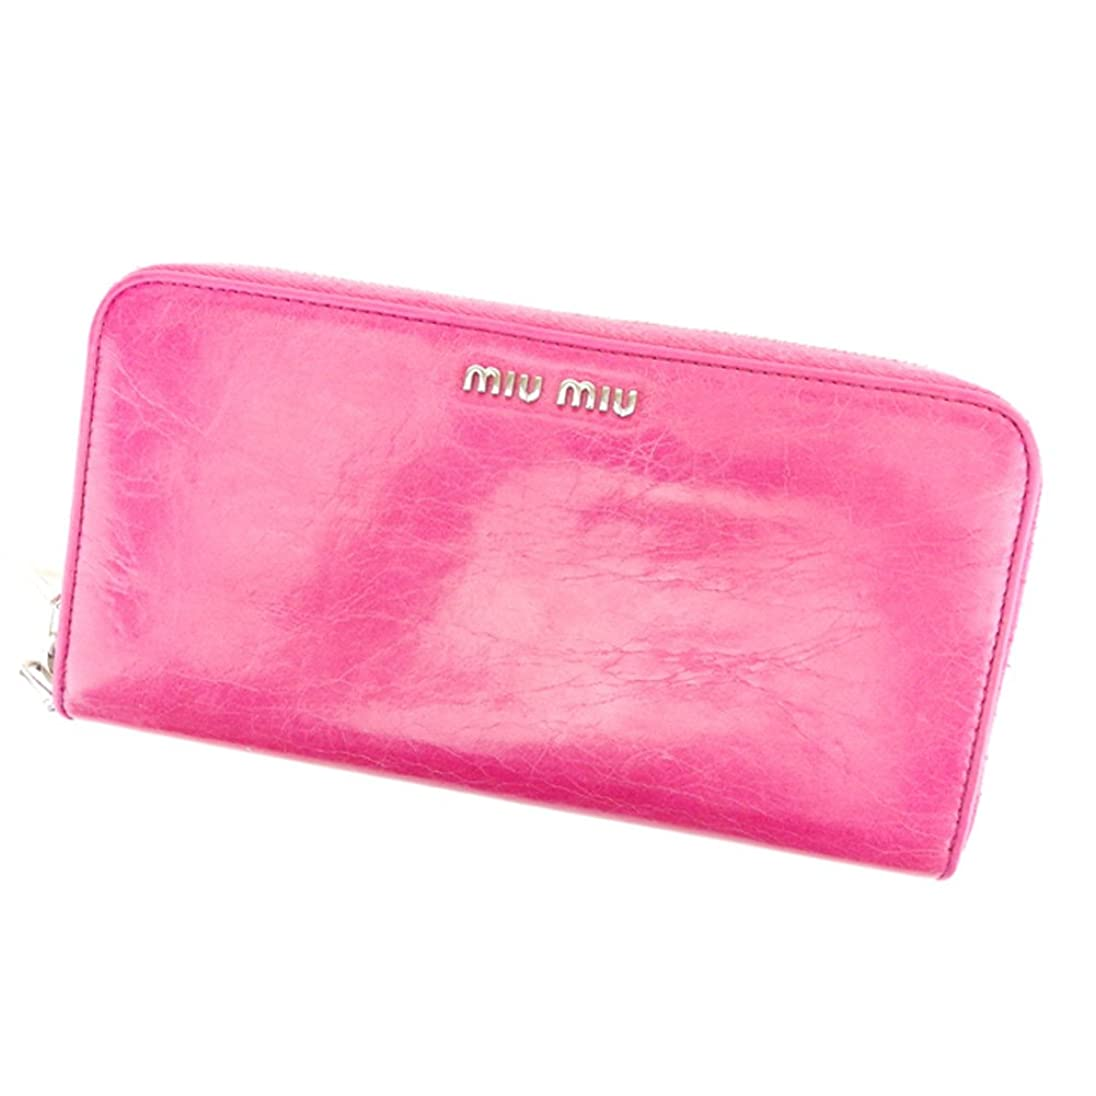 後ろに鮫認可(ミュウミュウ) Miu Miu 長財布 財布 ラウンドファスナー ピンク シルバー ロゴ レディース 中古 T6939